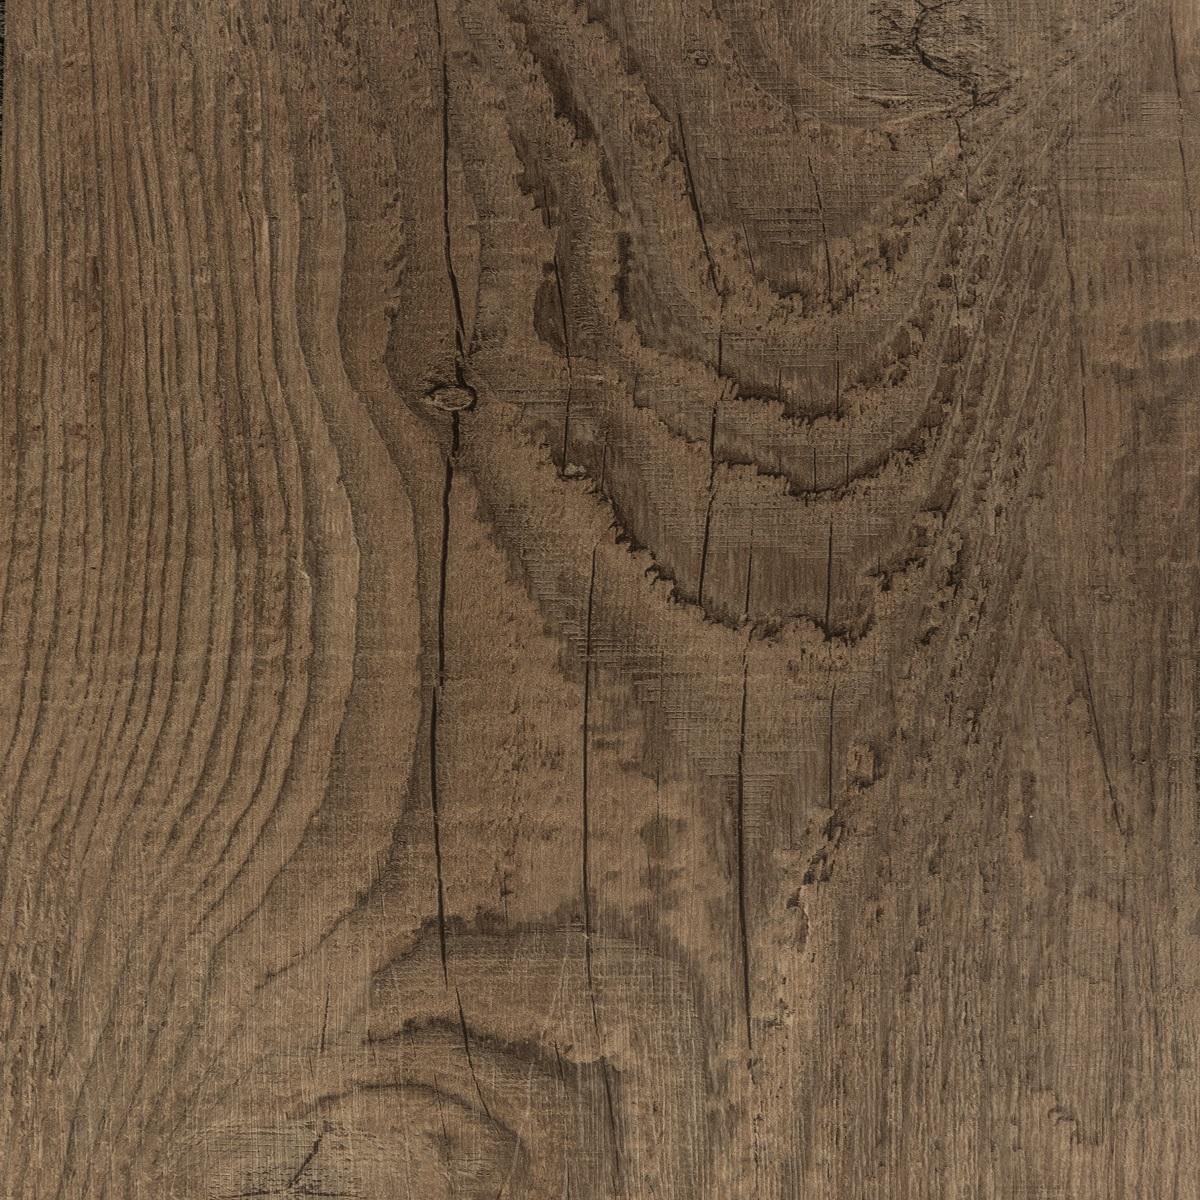 Rustic Pine Brown